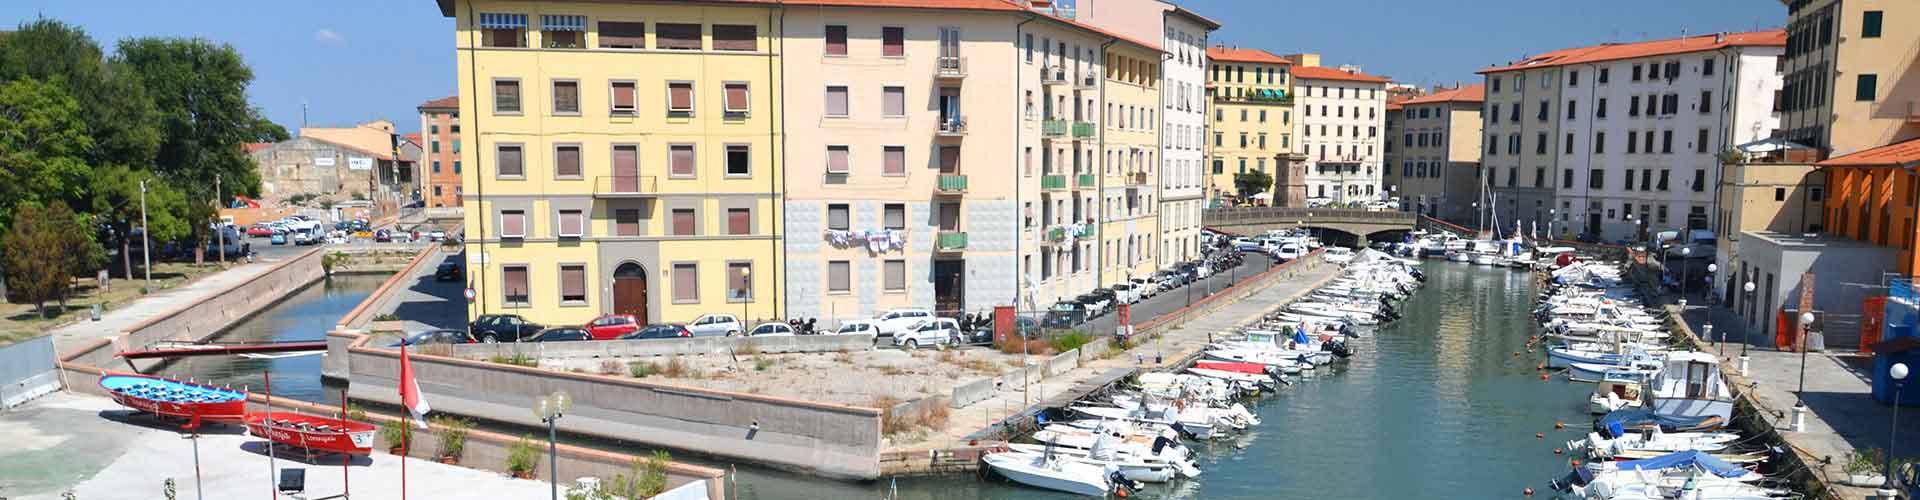 Livorno - Hostales en Livorno. Mapas de Livorno, Fotos y comentarios de cada Hostal en Livorno.